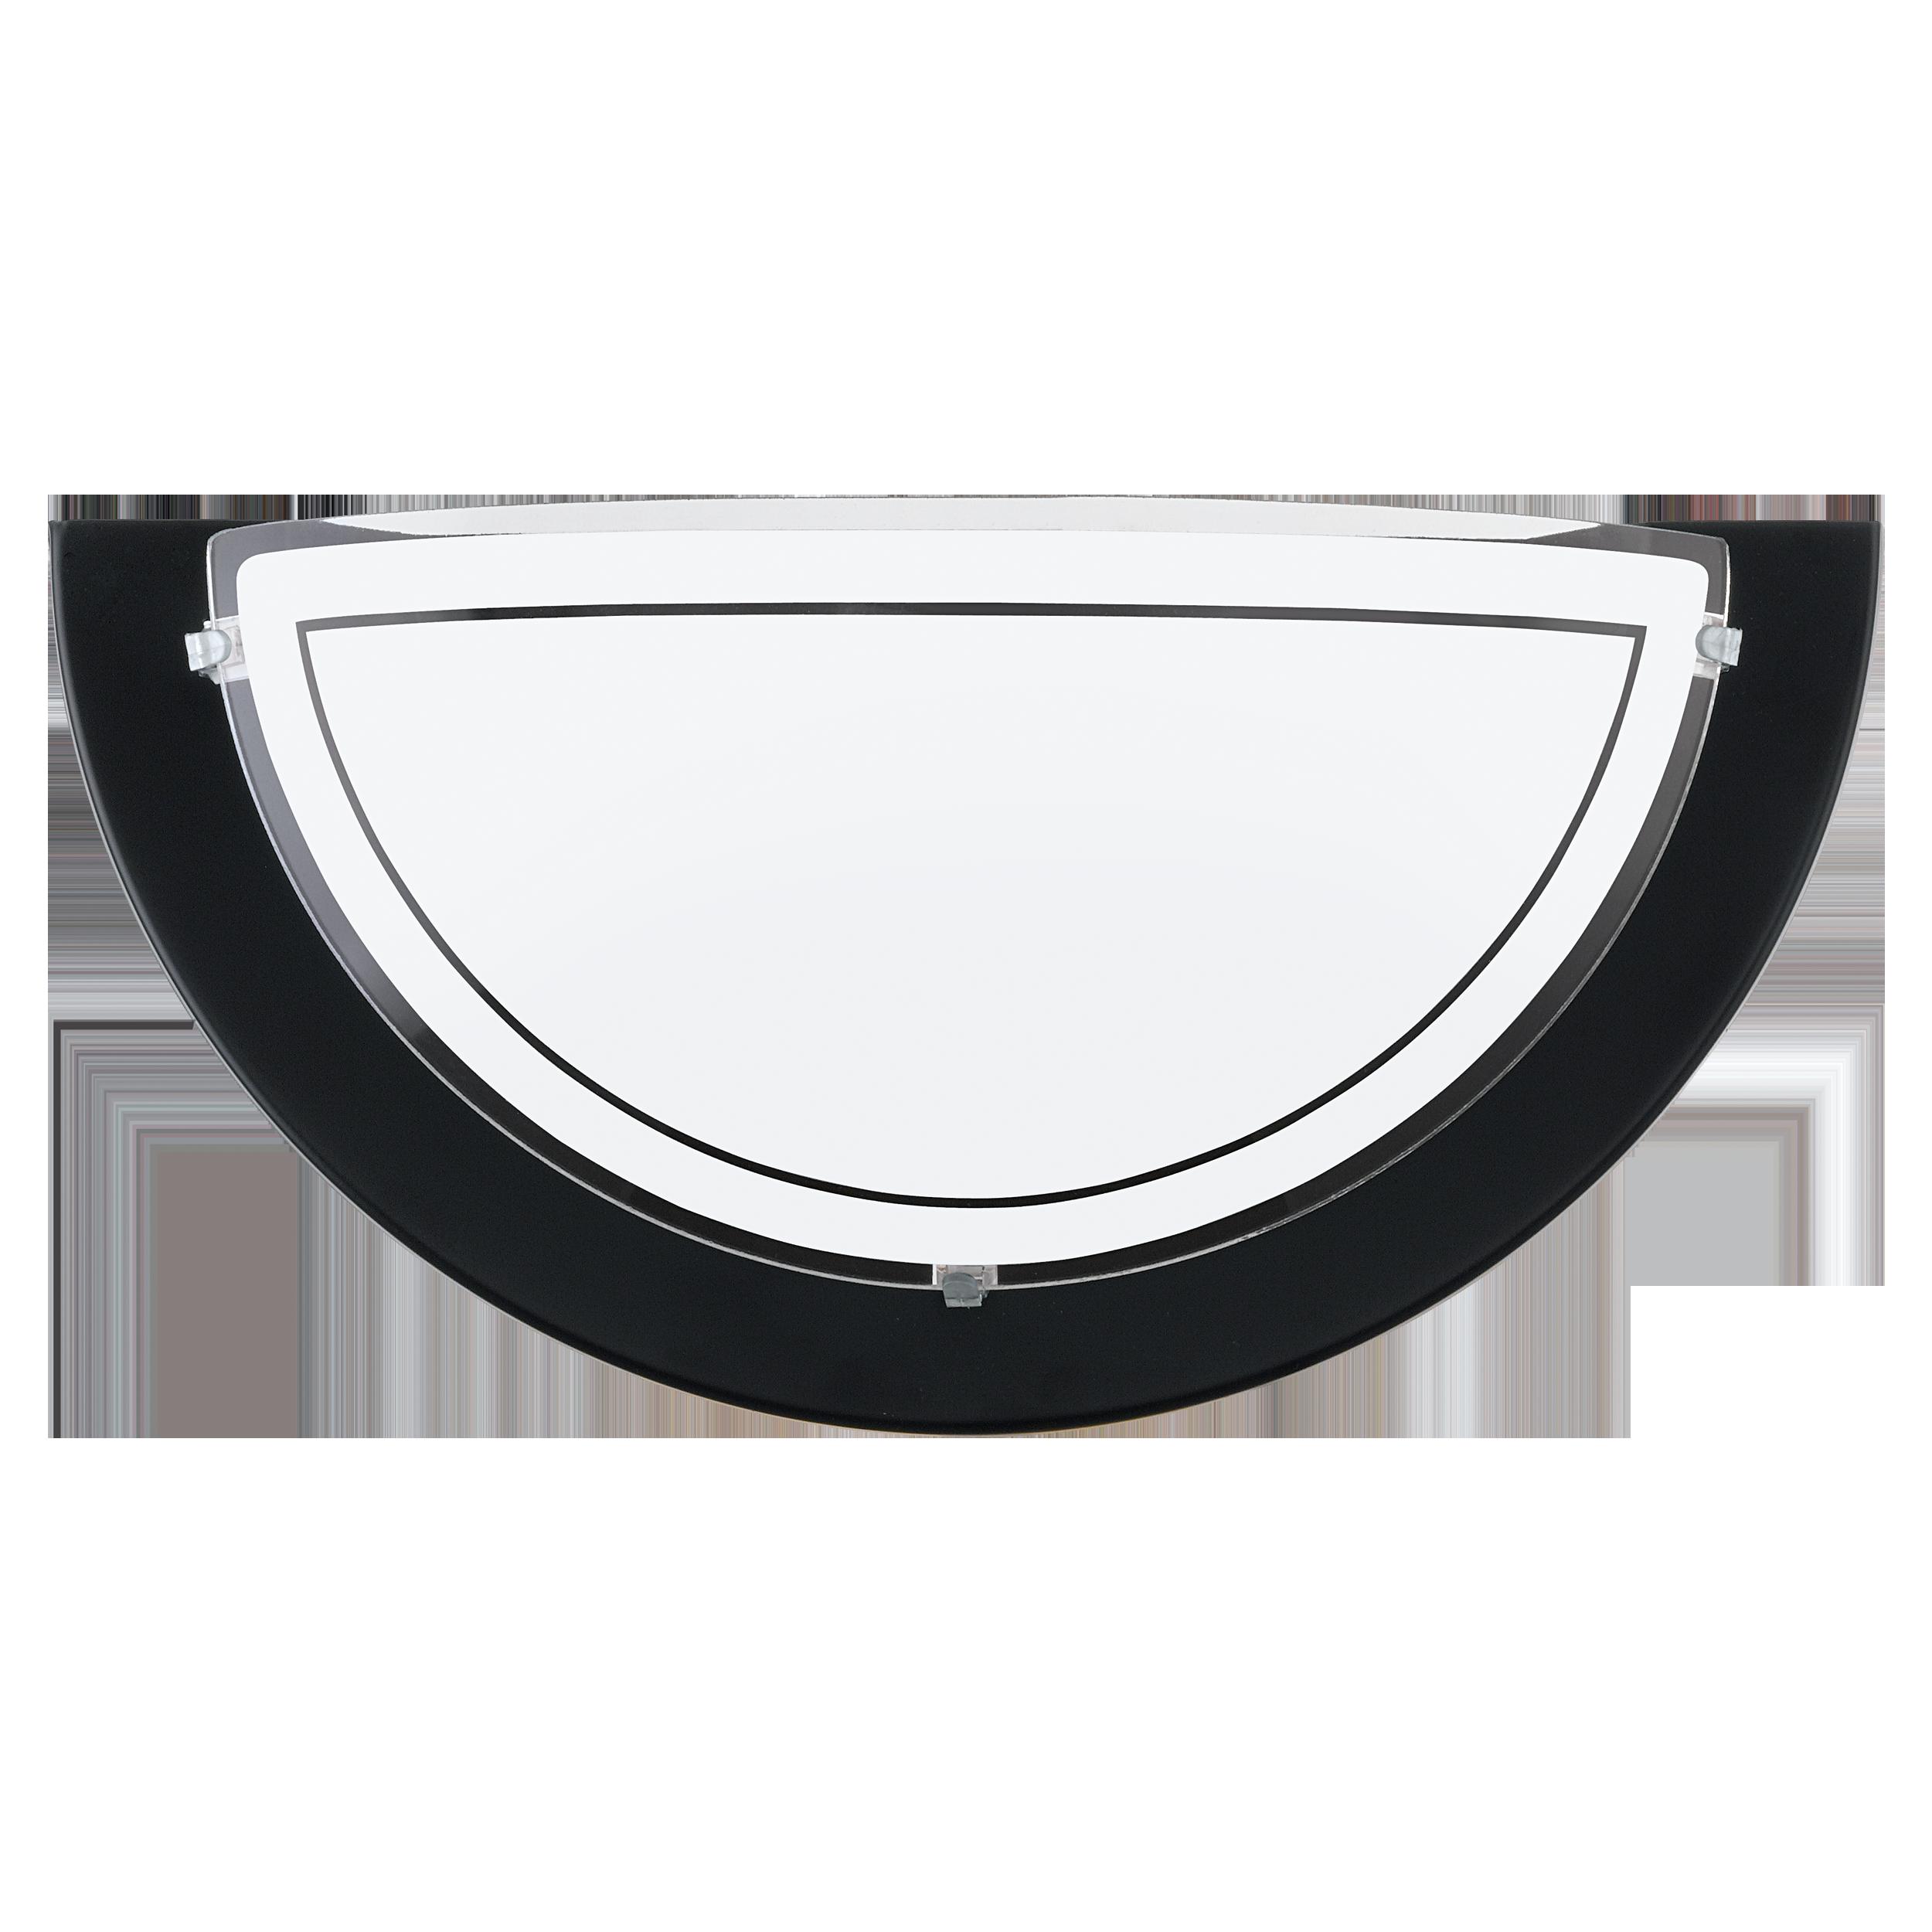 Настенный светильник Eglo Planet 1 83161, 1xE27x60W, черный, матовый, металл, стекло - фото 1